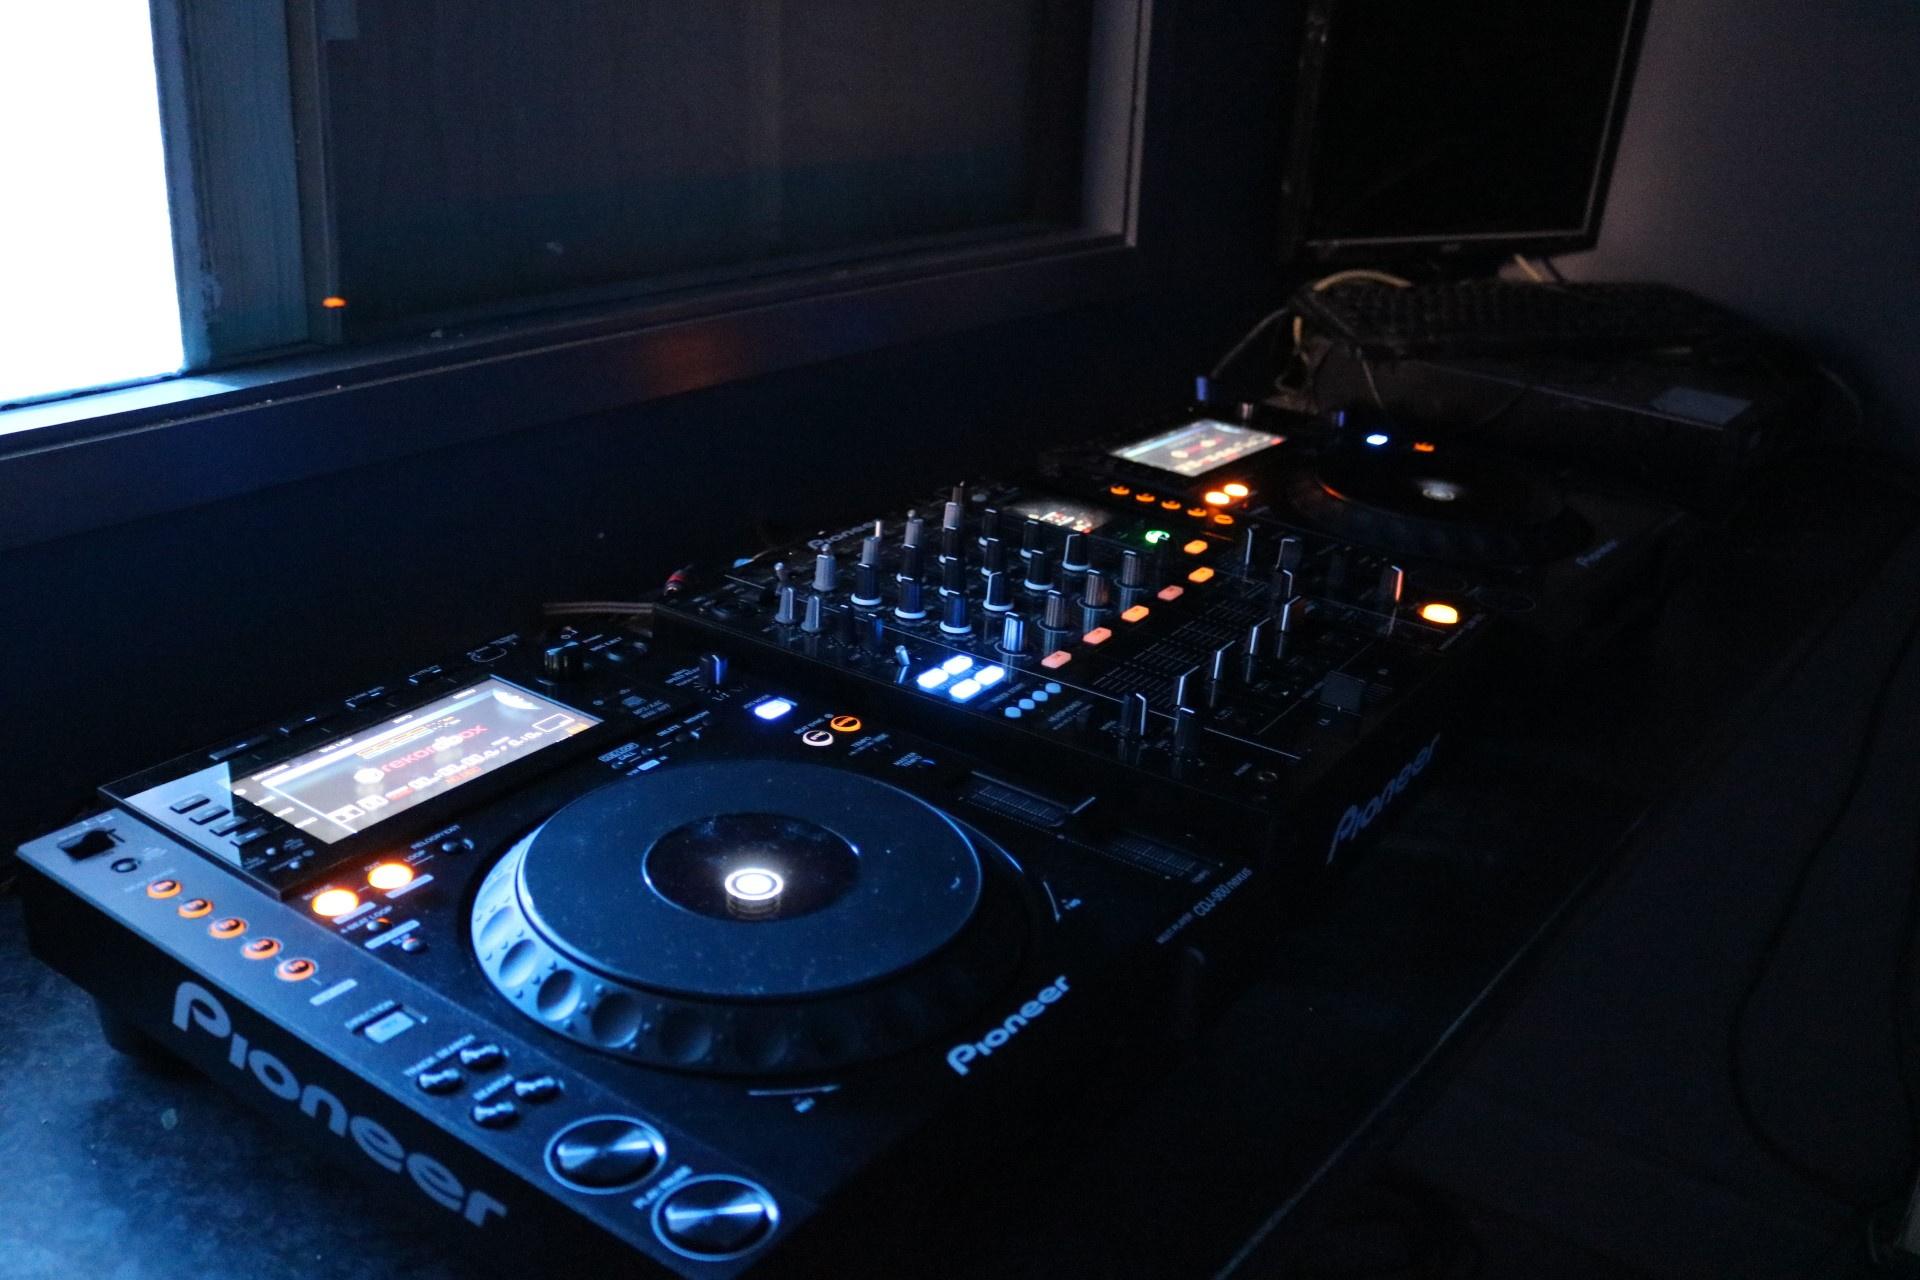 https://0201.nccdn.net/1_2/000/000/11f/0ad/CoQ-DJ-1920x1280.jpg